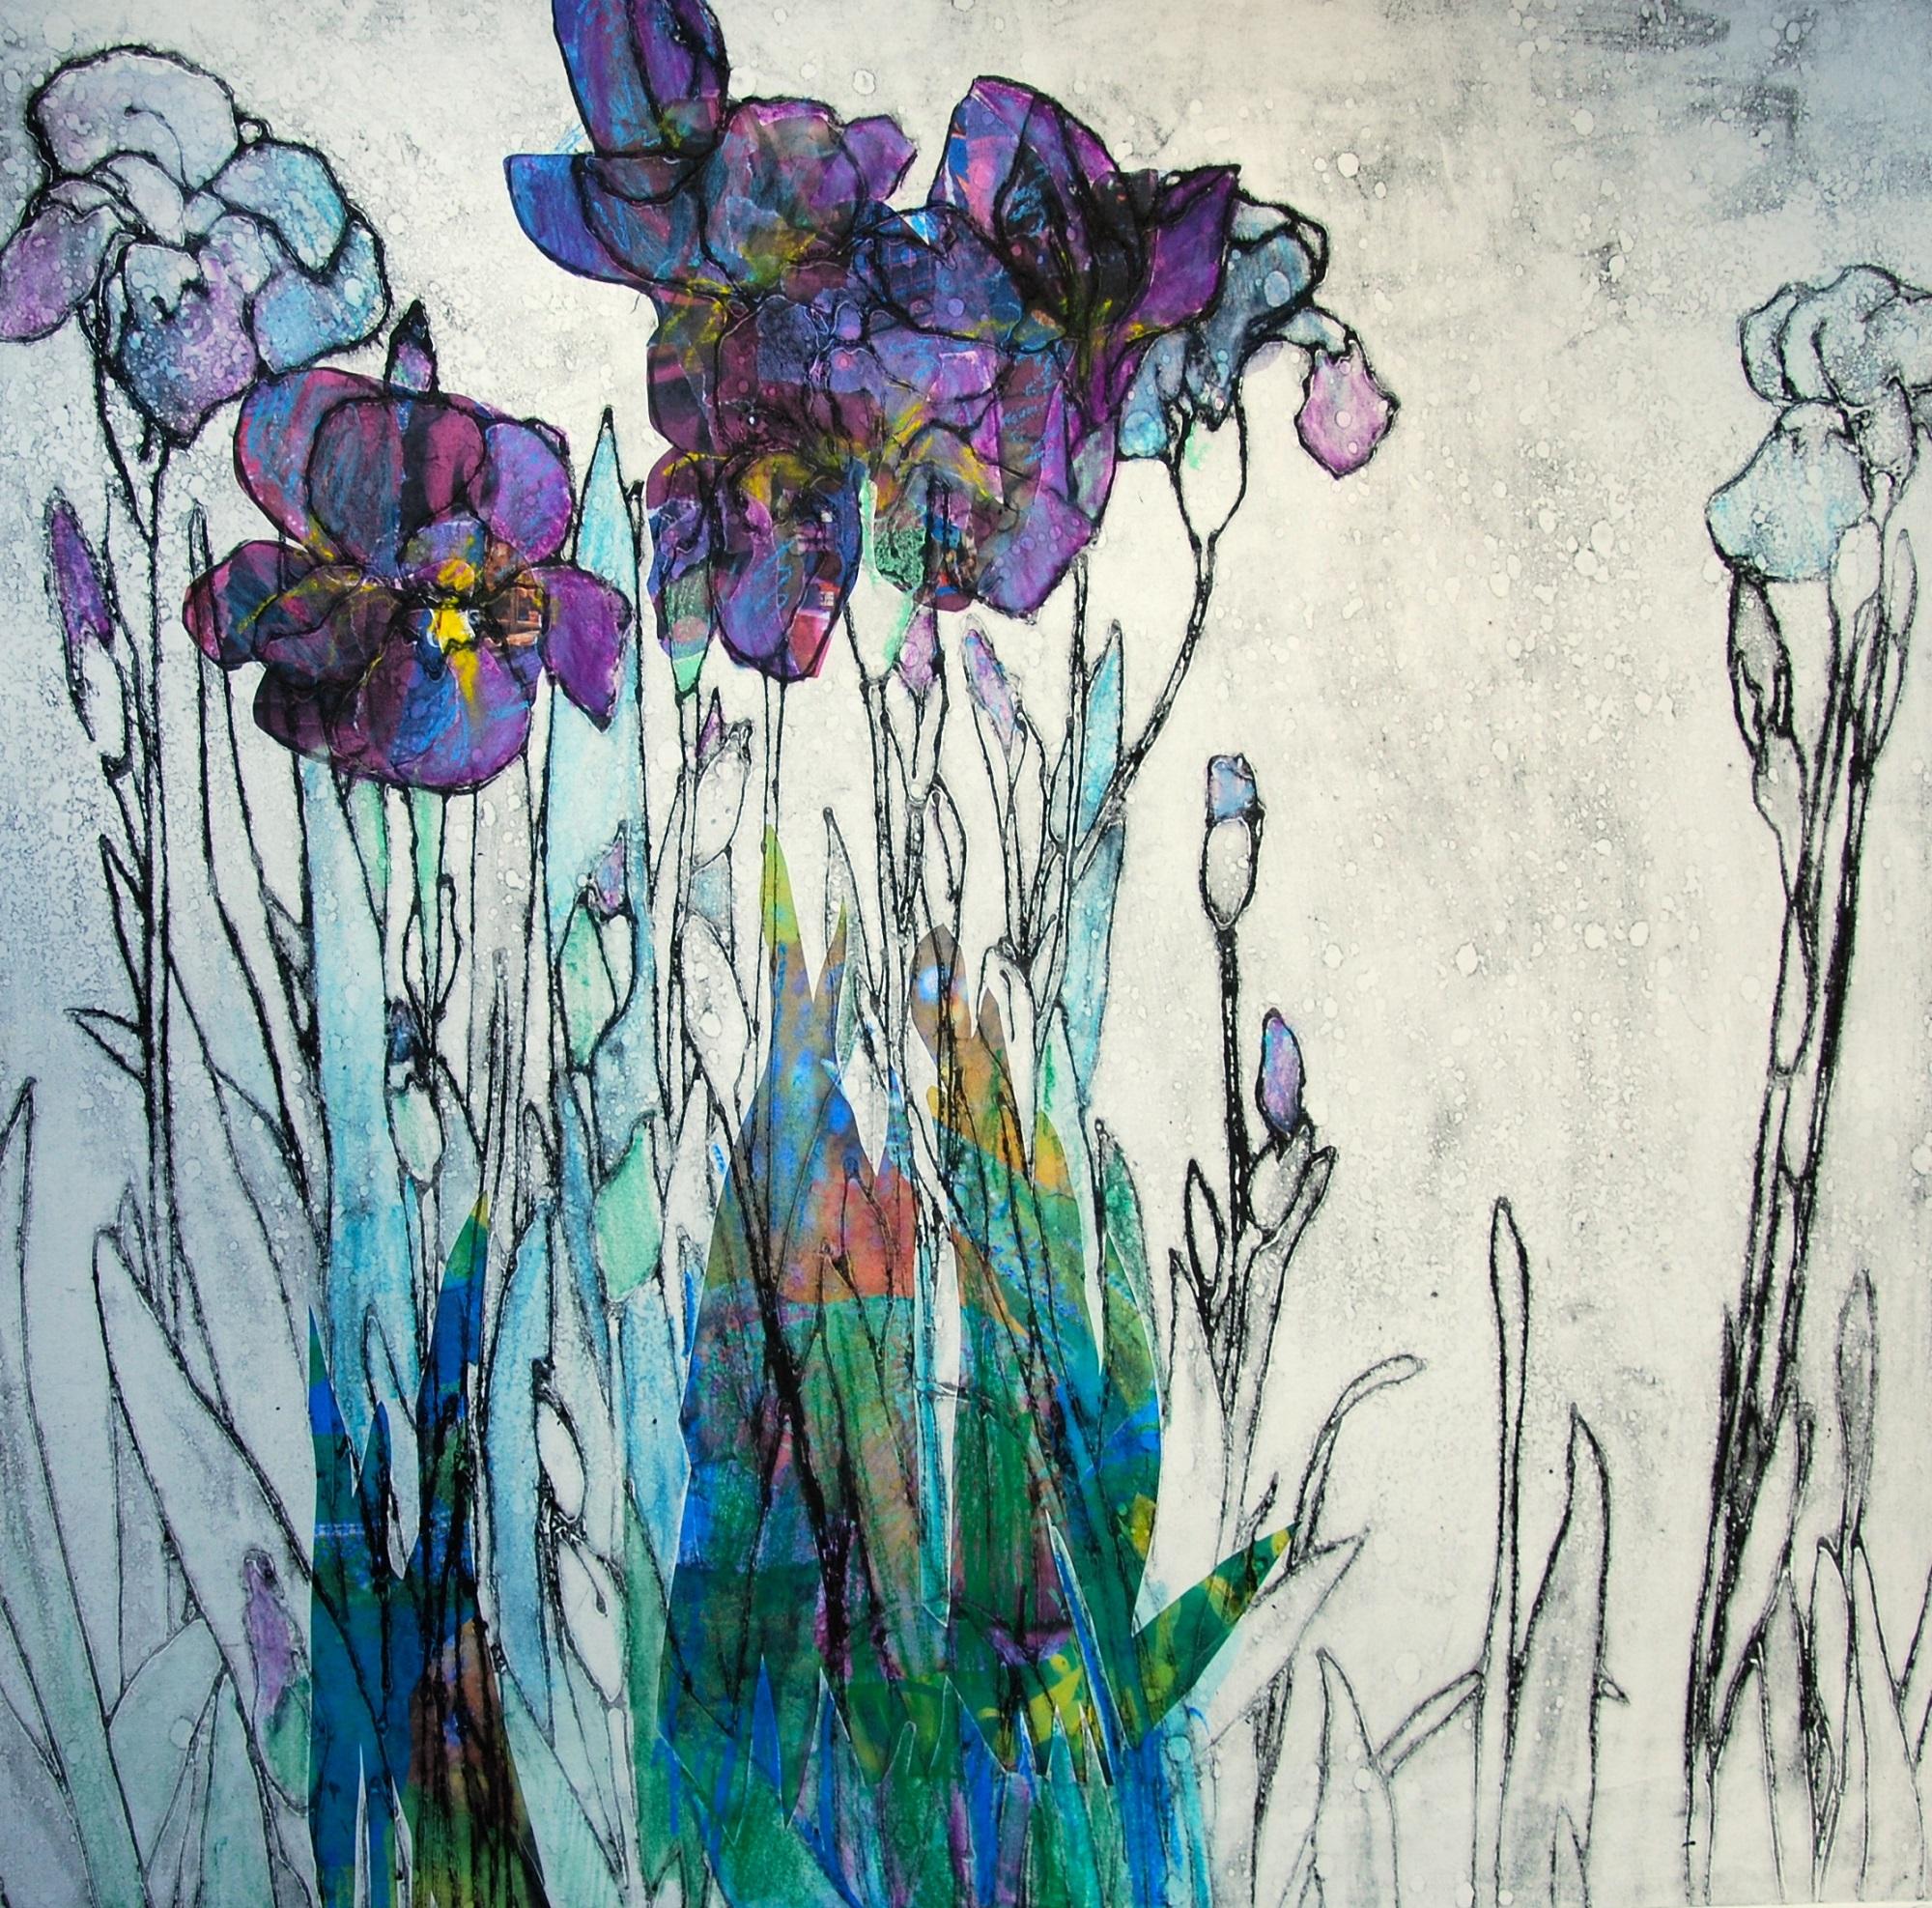 'Irises' Anna Perlin Unique Carborundum print with chine colle, 70cmx70cm, 2016